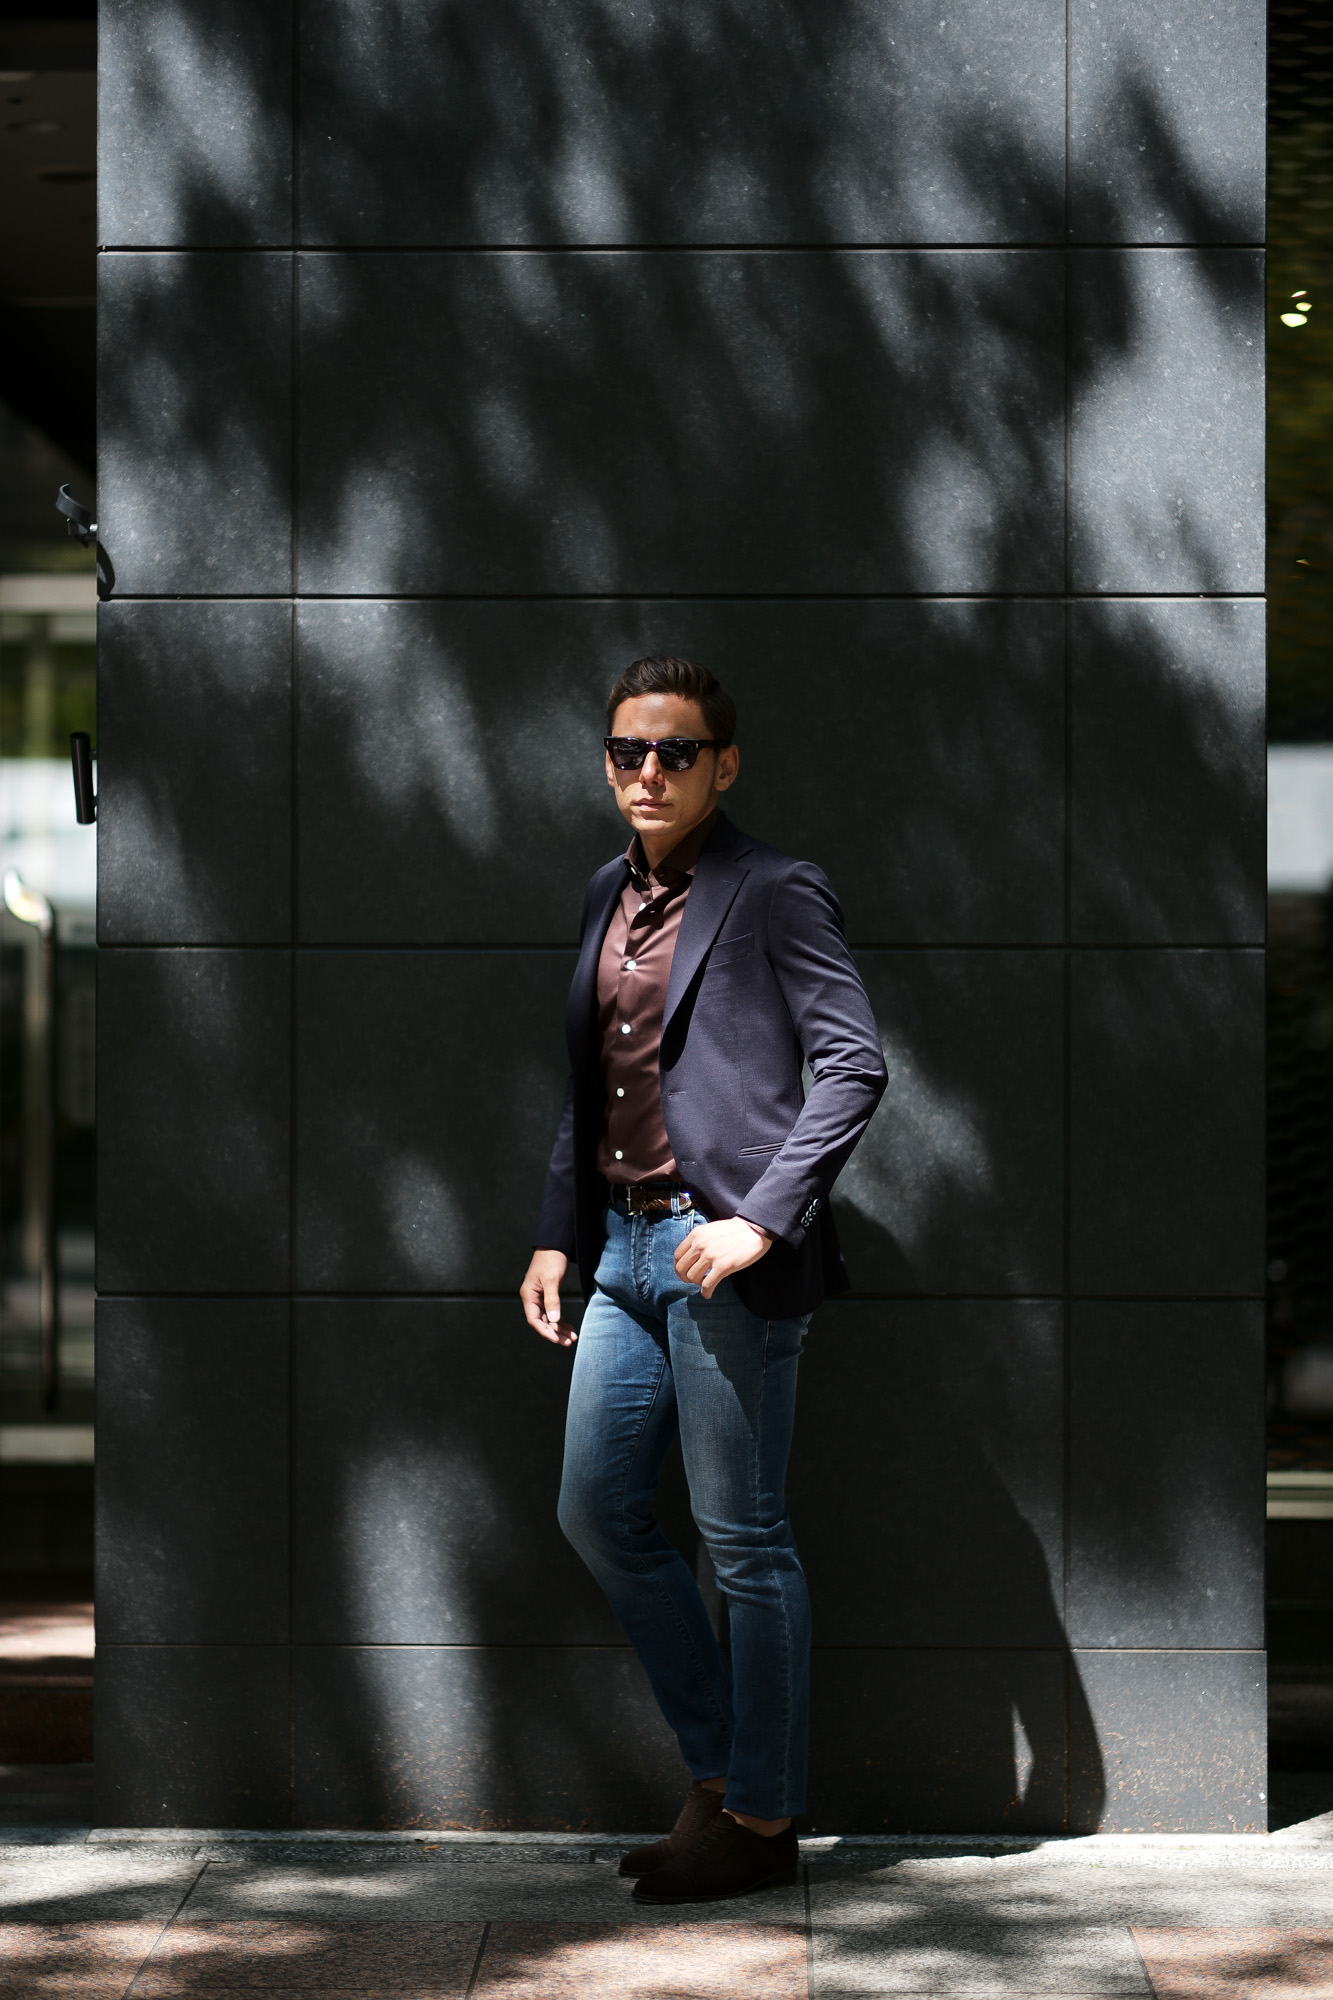 RICHARD J. BROWN (リチャード ジェイ ブラウン) TOKIO (トウキョウ) ストレッチ デニム パンツ BLUE (ブルー・T12 W615) MADE IN ITALY (イタリア製) 2019 春夏新作  richardjbrown リチャードジェイブラウン altoediritto アルトエデリット 愛知 名古屋